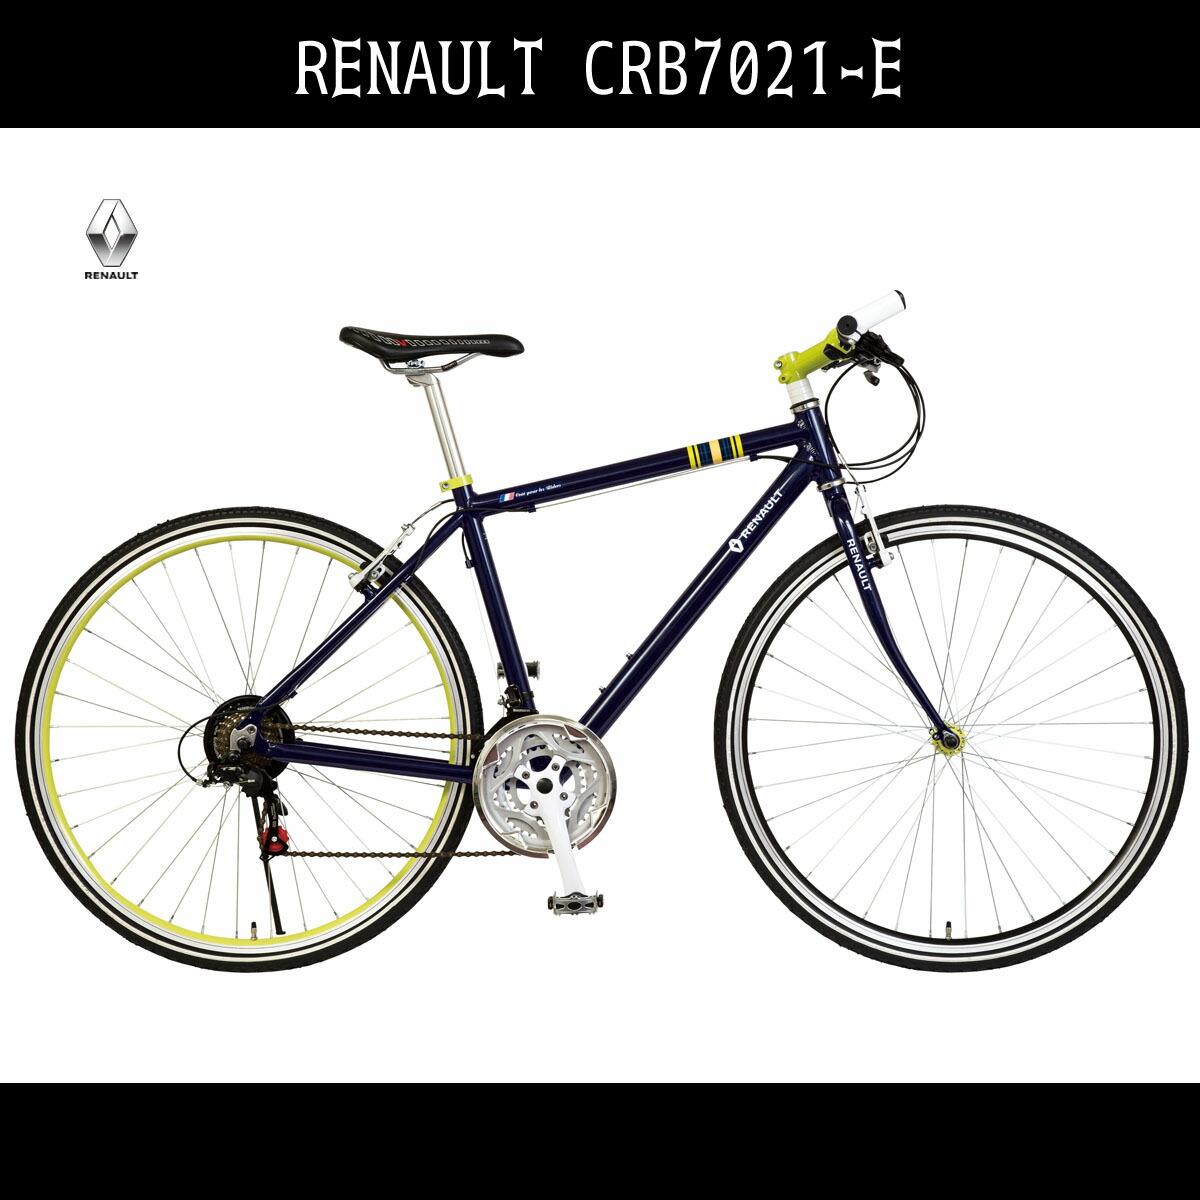 クロスバイク 自転車 ルノー RENAULT 自転車 ネイビー700c クロスバイク 軽量 外装21段変速ギア付き アルミ グリップバーエンド ルノー AL-CRB7021-E アルミニウム